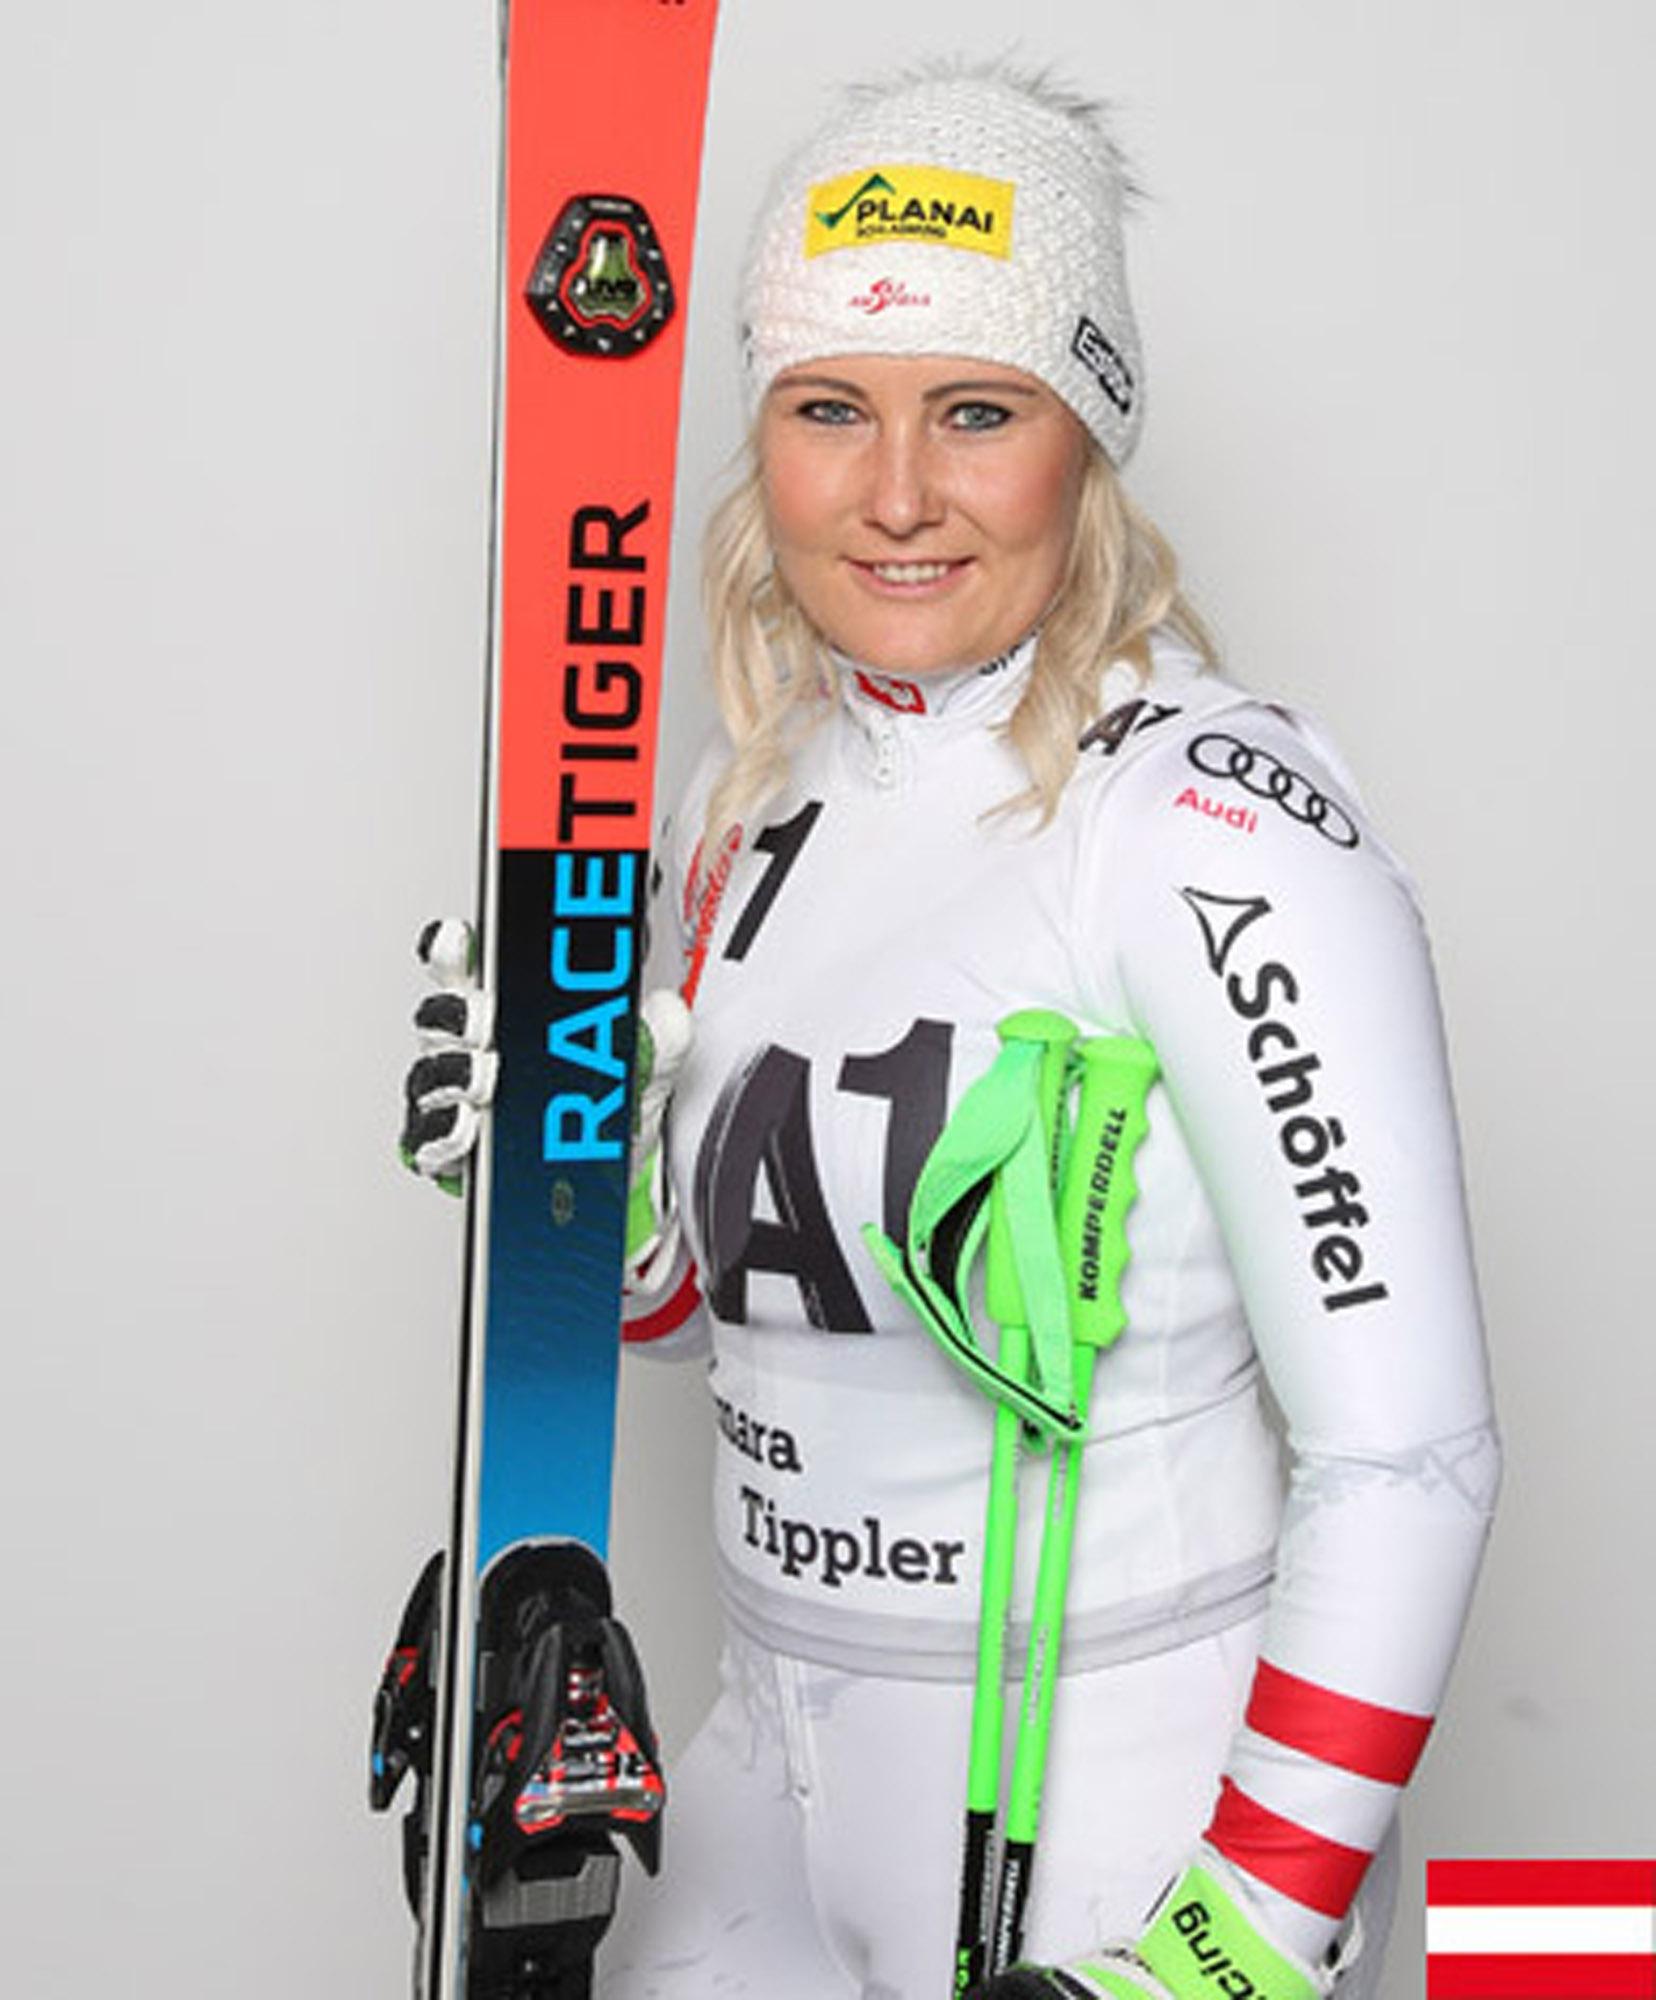 Tamara Tippler